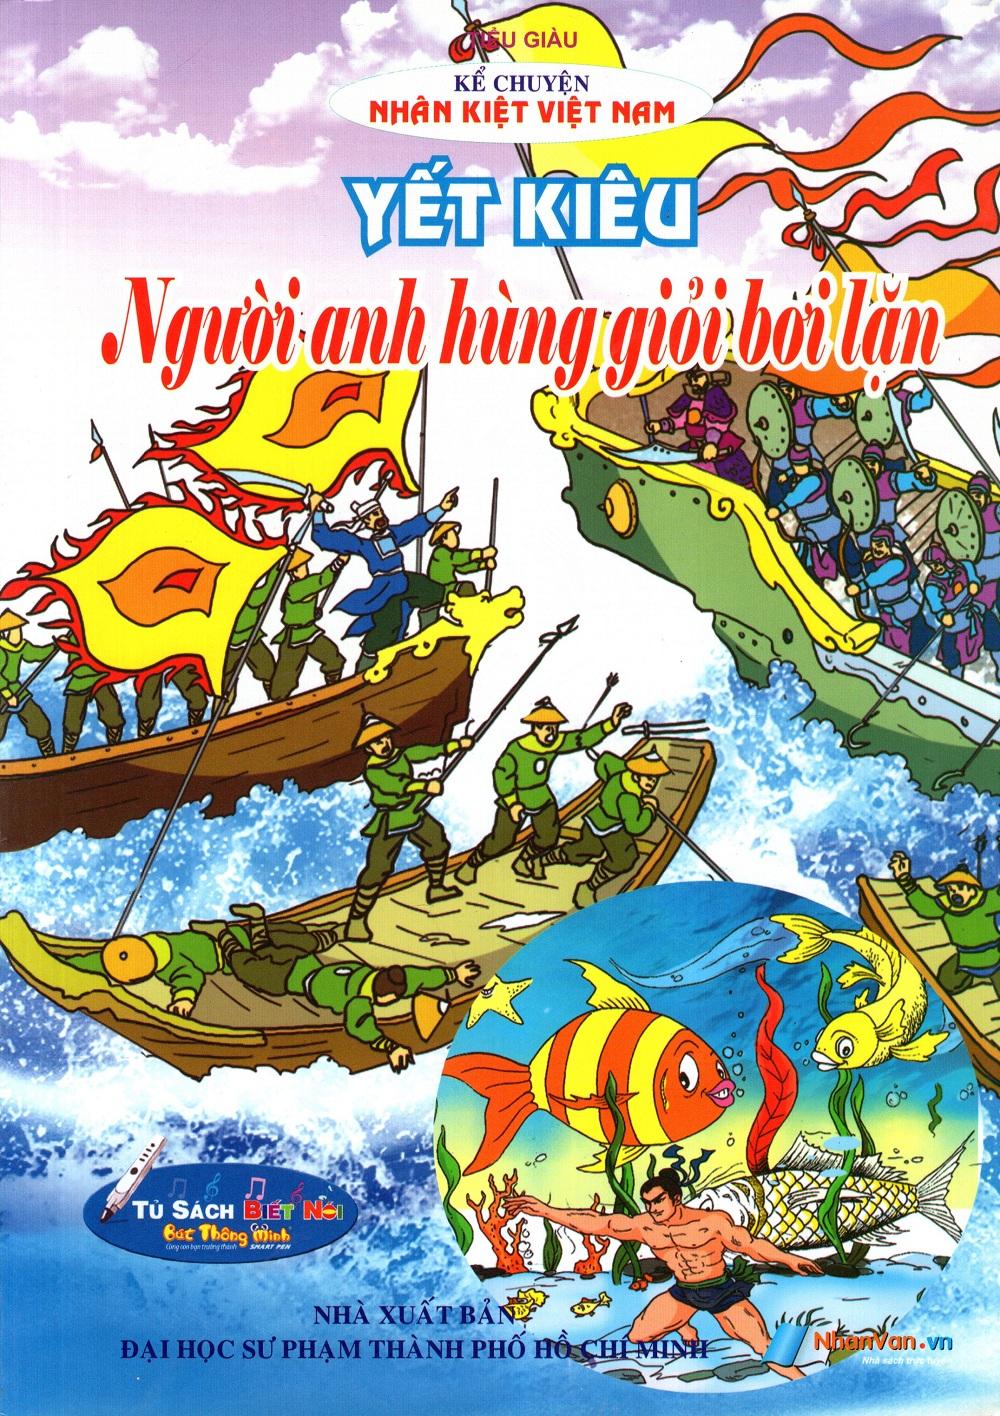 Kể Chuyện Danh Nhân Lịch Sử: Yết Kiêu - Người Anh Hùng Giỏi Bơi Lặn - 8935072880859,62_223650,15000,tiki.vn,Ke-Chuyen-Danh-Nhan-Lich-Su-Yet-Kieu-Nguoi-Anh-Hung-Gioi-Boi-Lan-62_223650,Kể Chuyện Danh Nhân Lịch Sử: Yết Kiêu - Người Anh Hùng Giỏi Bơi Lặn